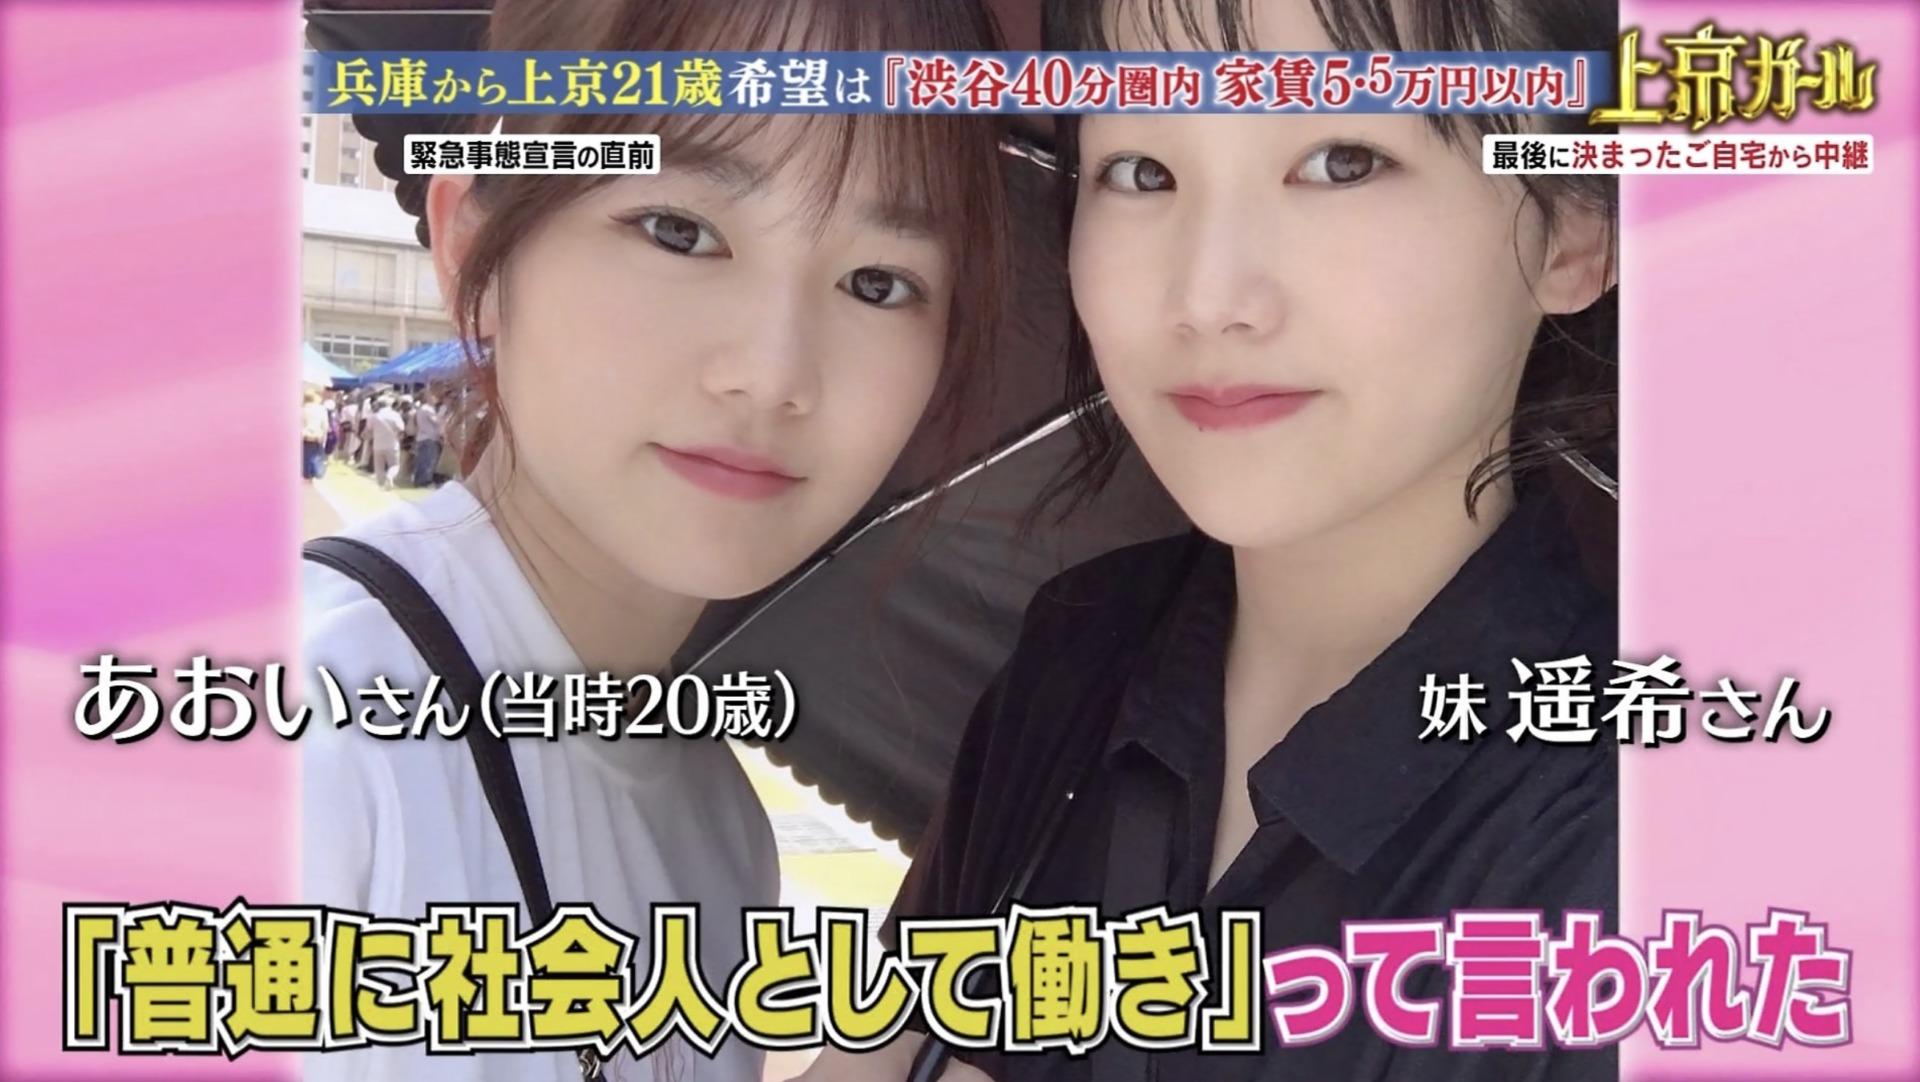 川口葵さんと妹さんの画像